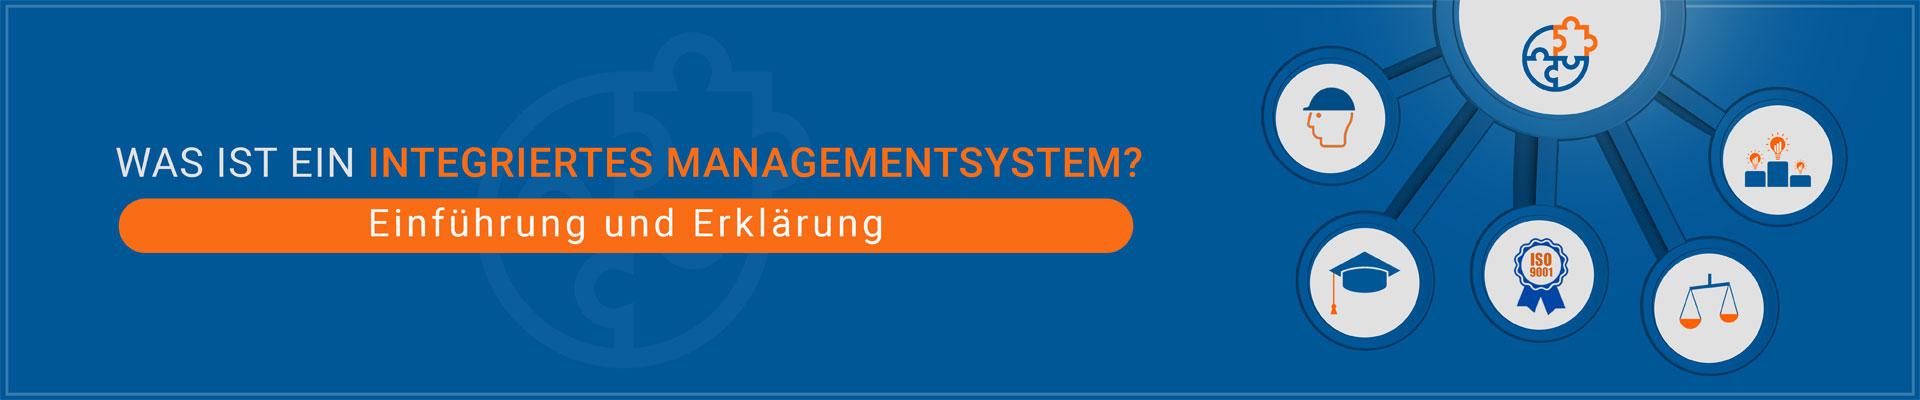 was-ist-ein-integriertes-managementsystem-akademie-innolytics